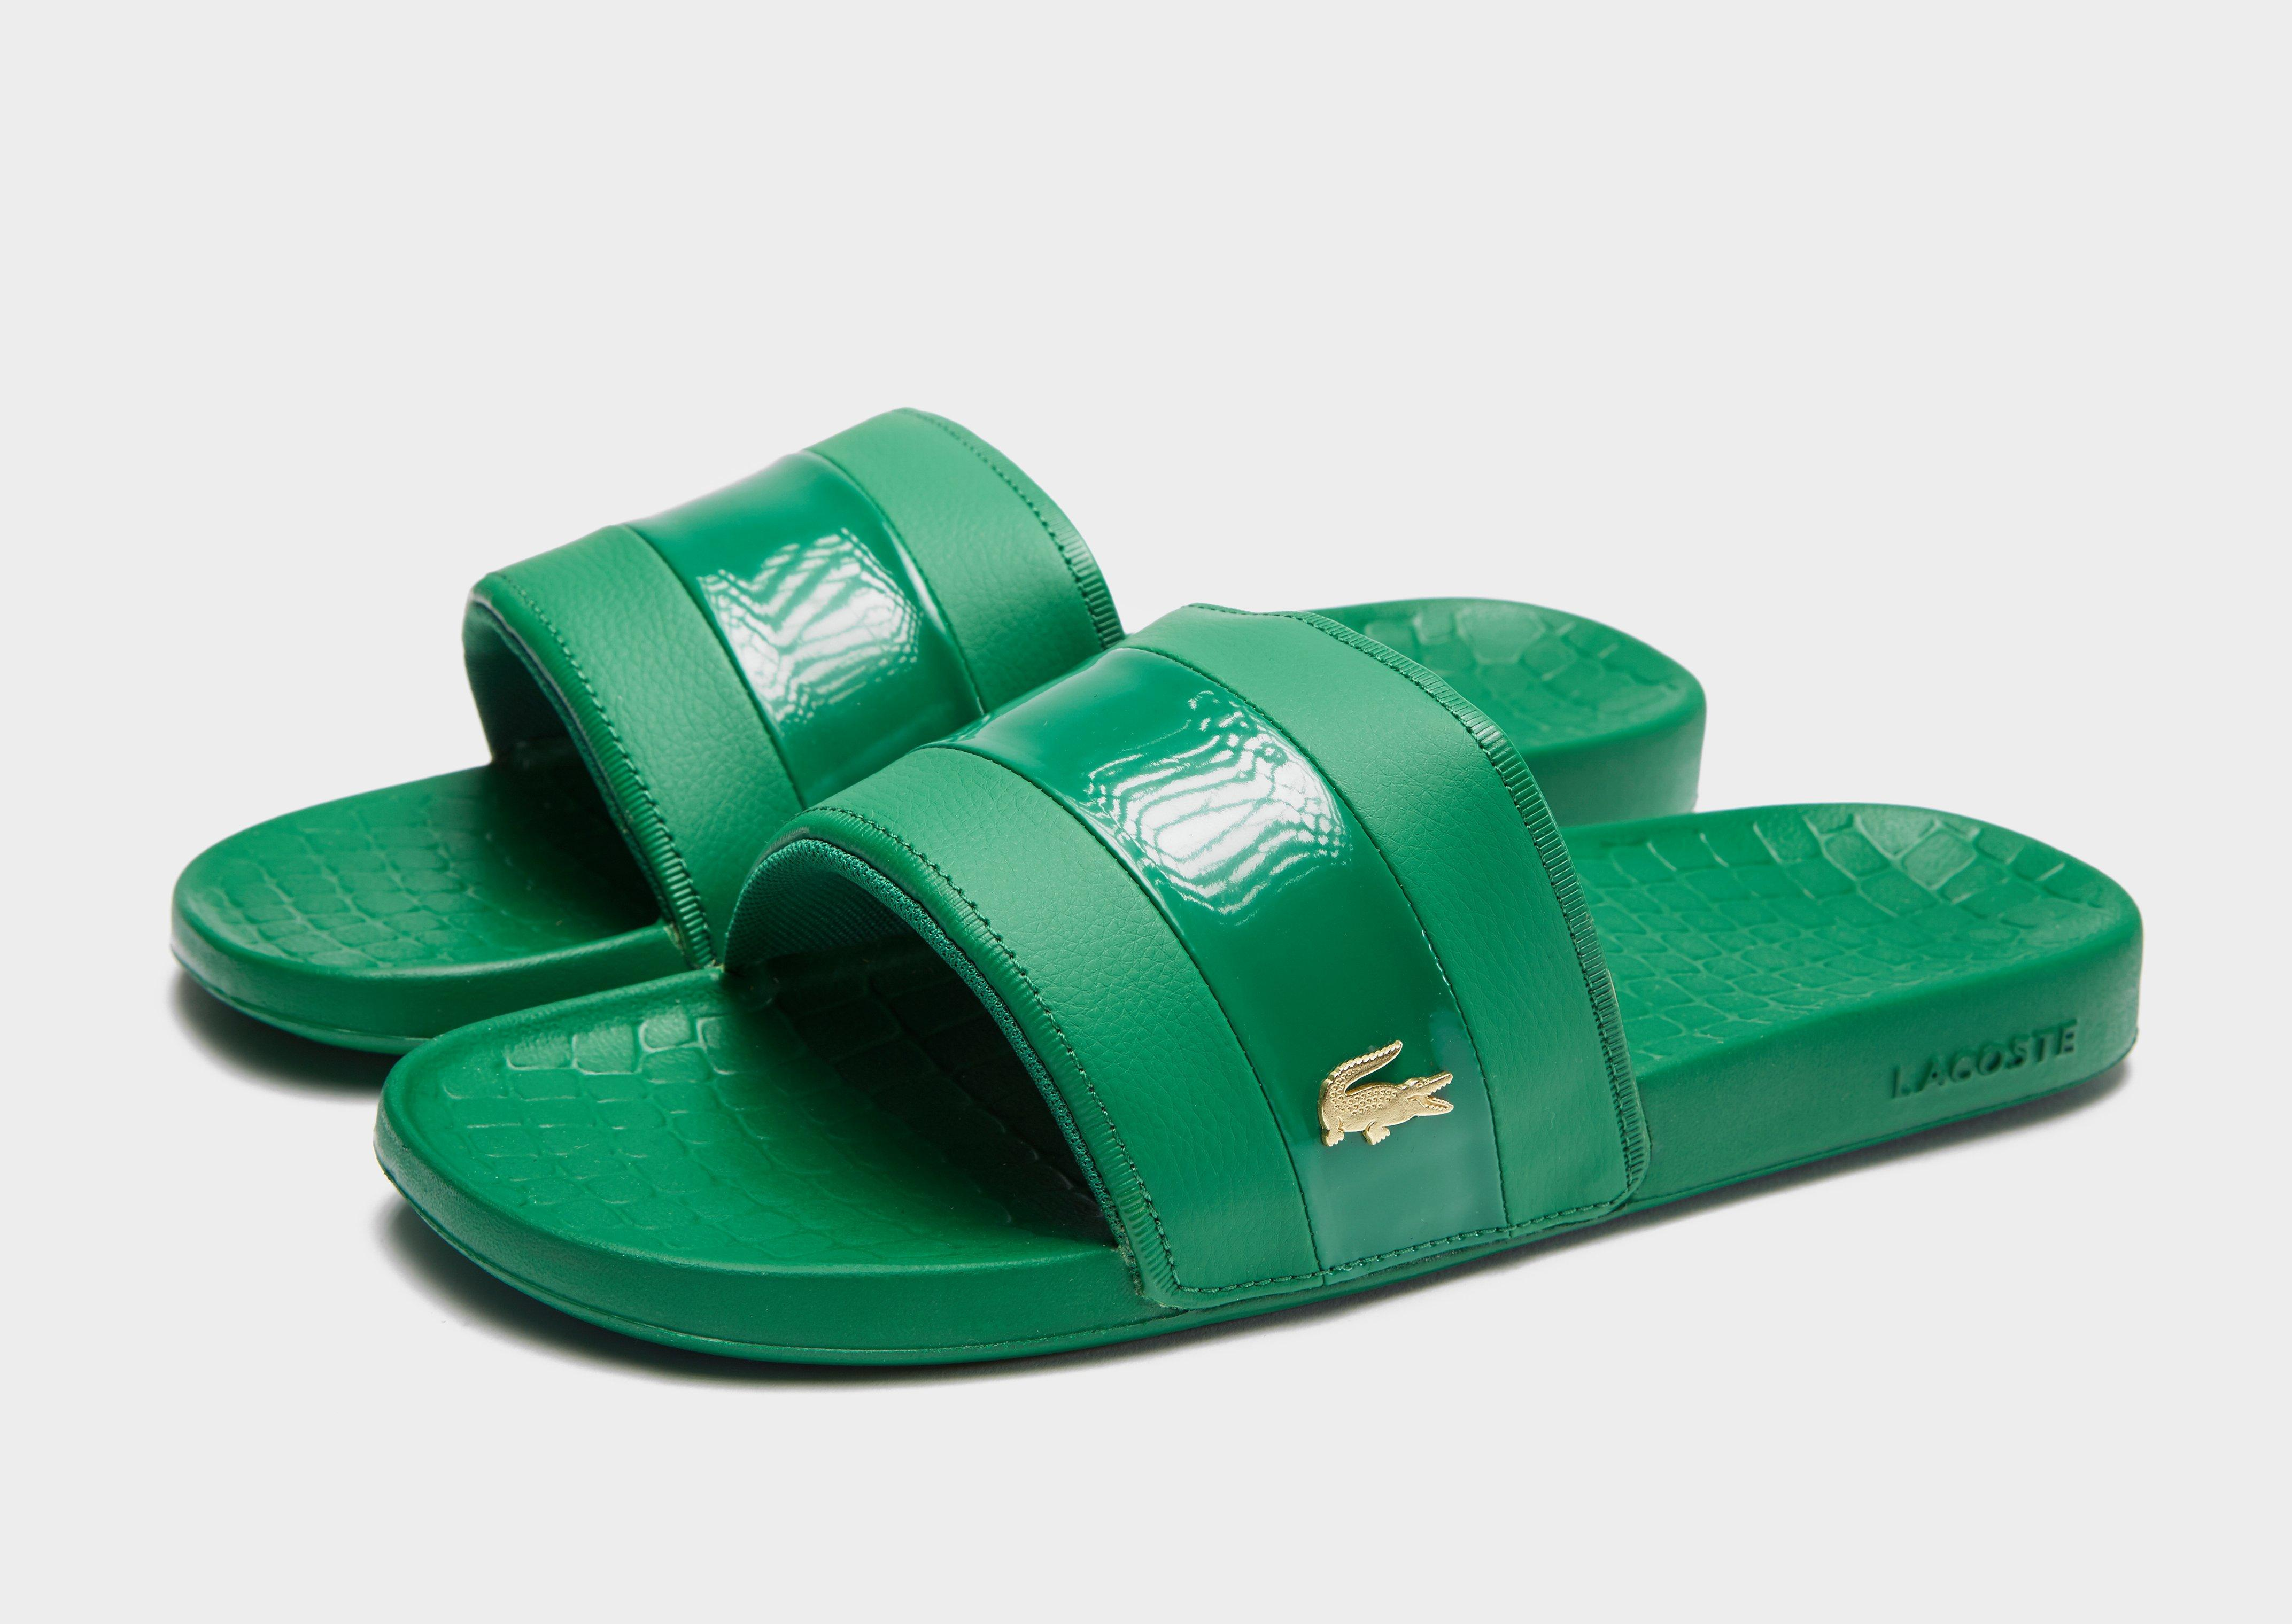 622f5b20c7588 Lyst - Lacoste Frasier Deluxe Slides in Green for Men